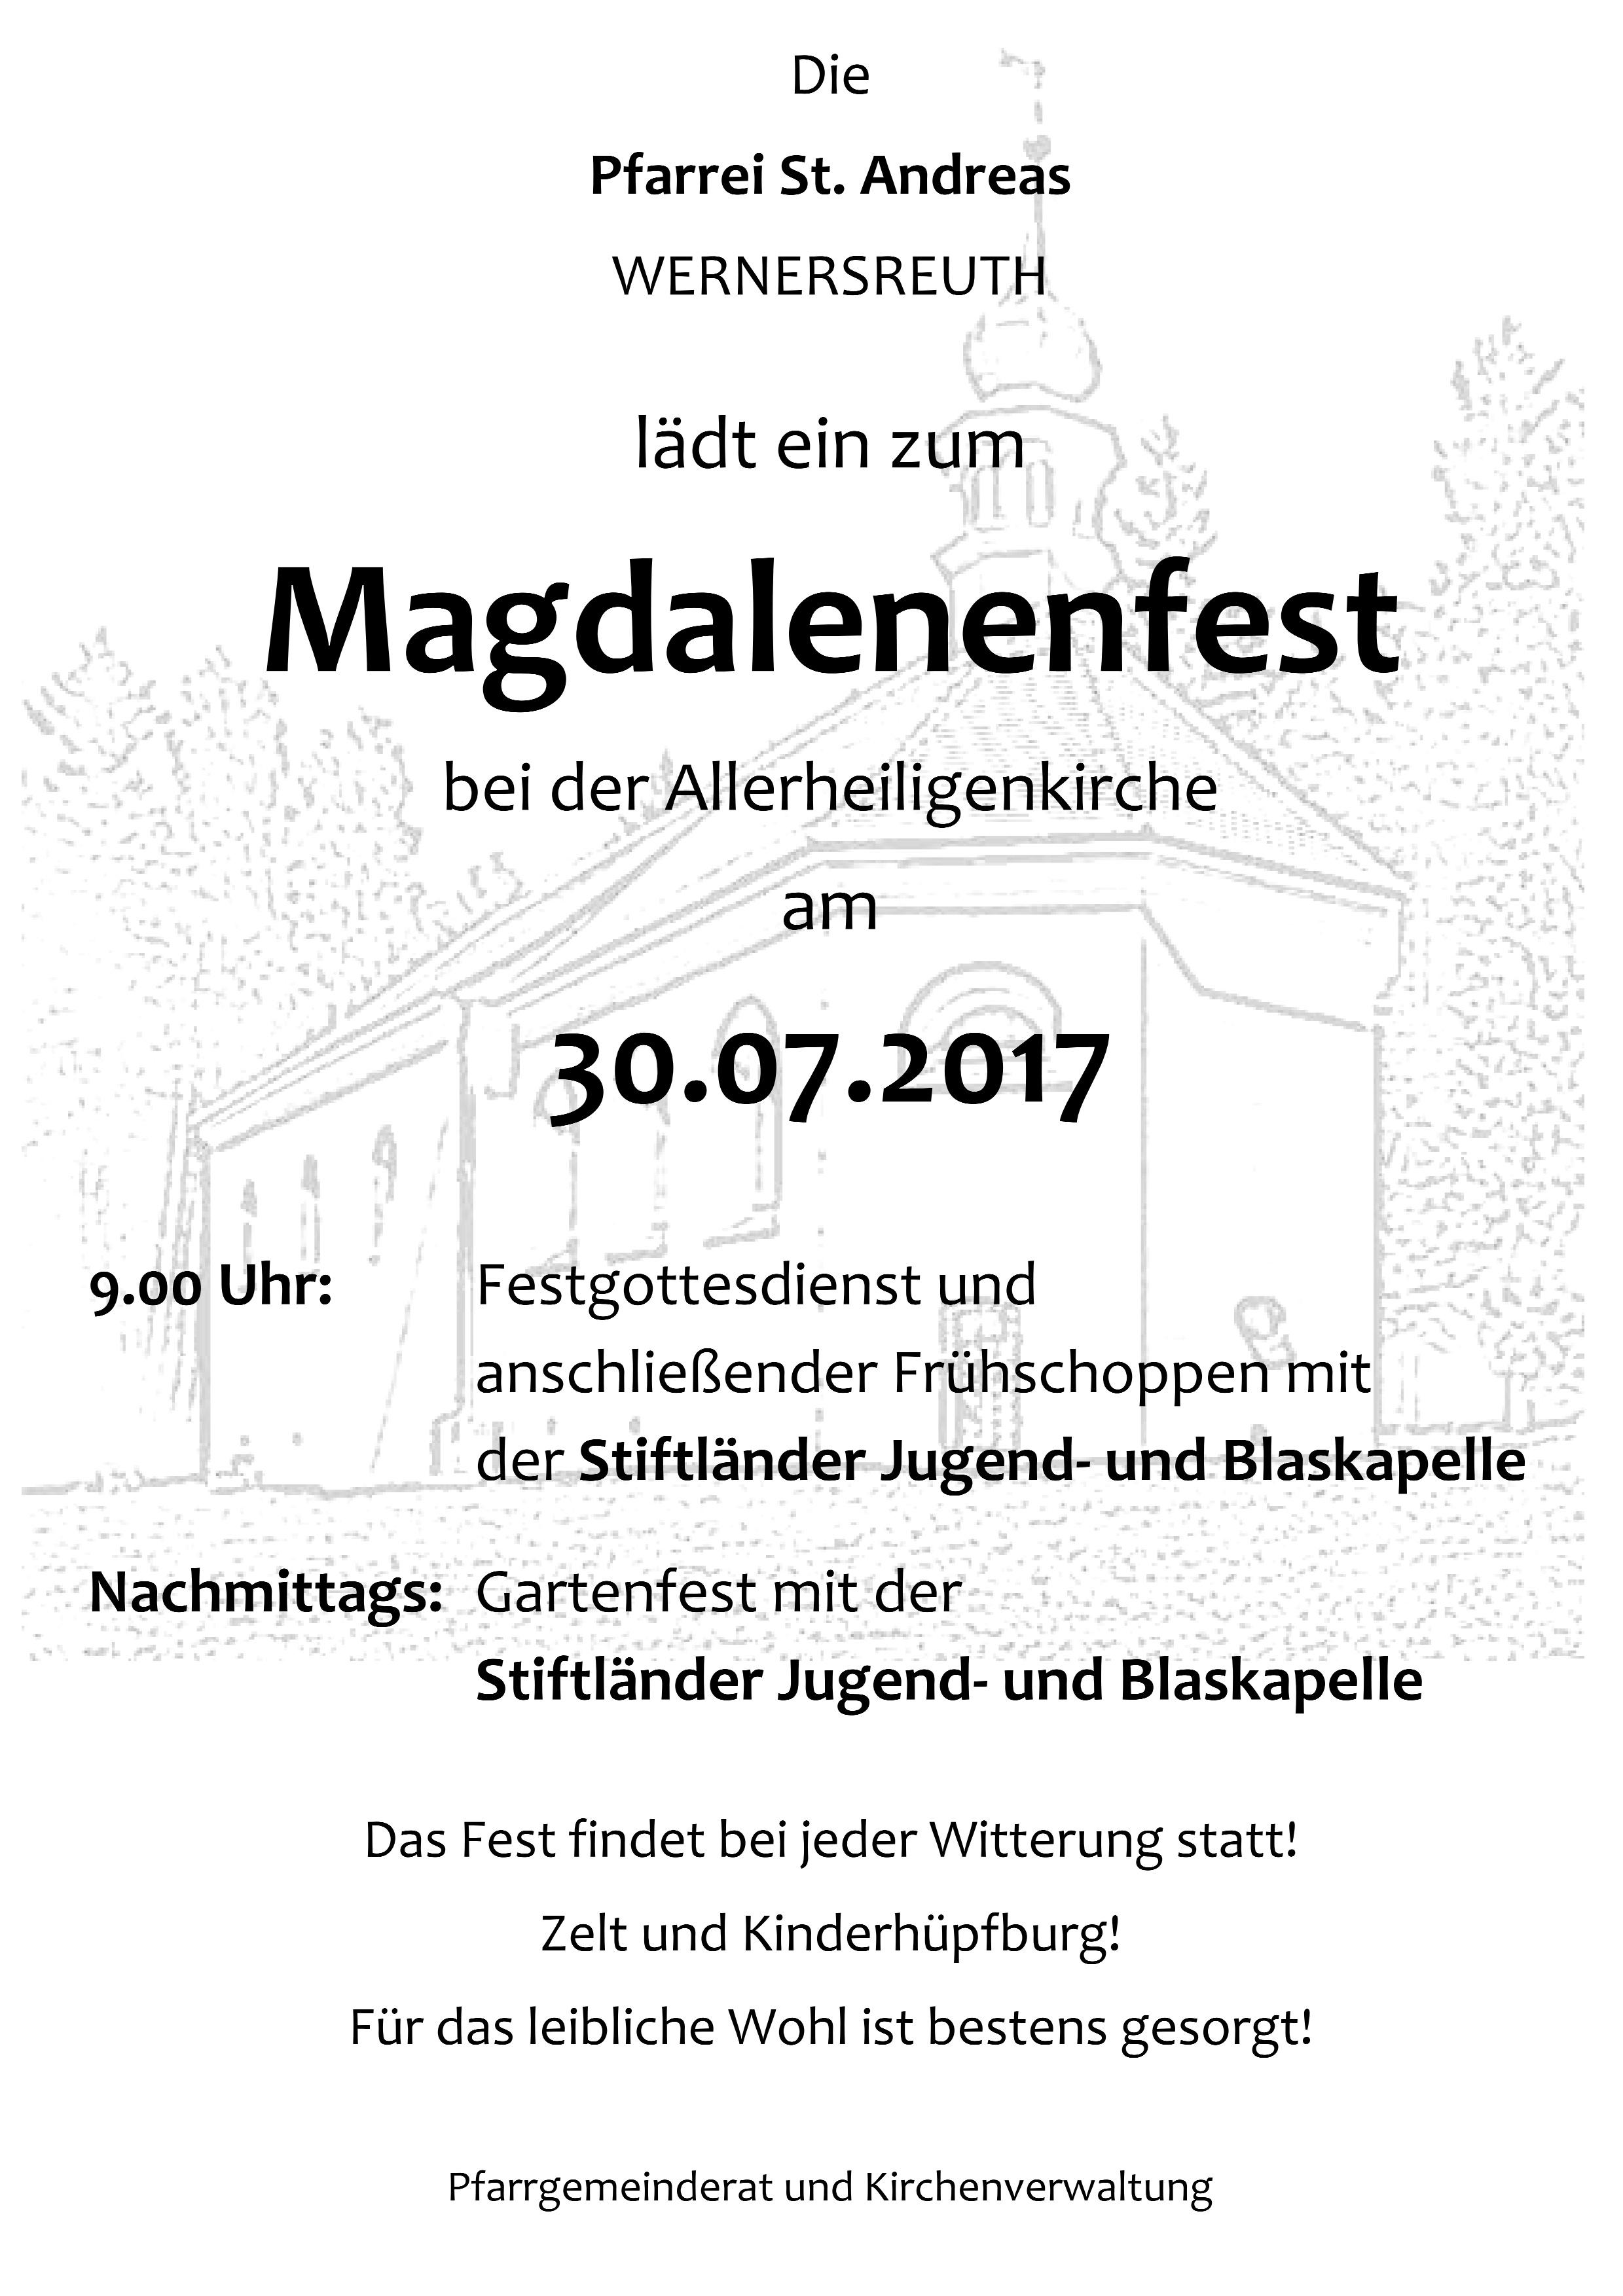 Magdalenenfest_Plakat_DinA4_2017